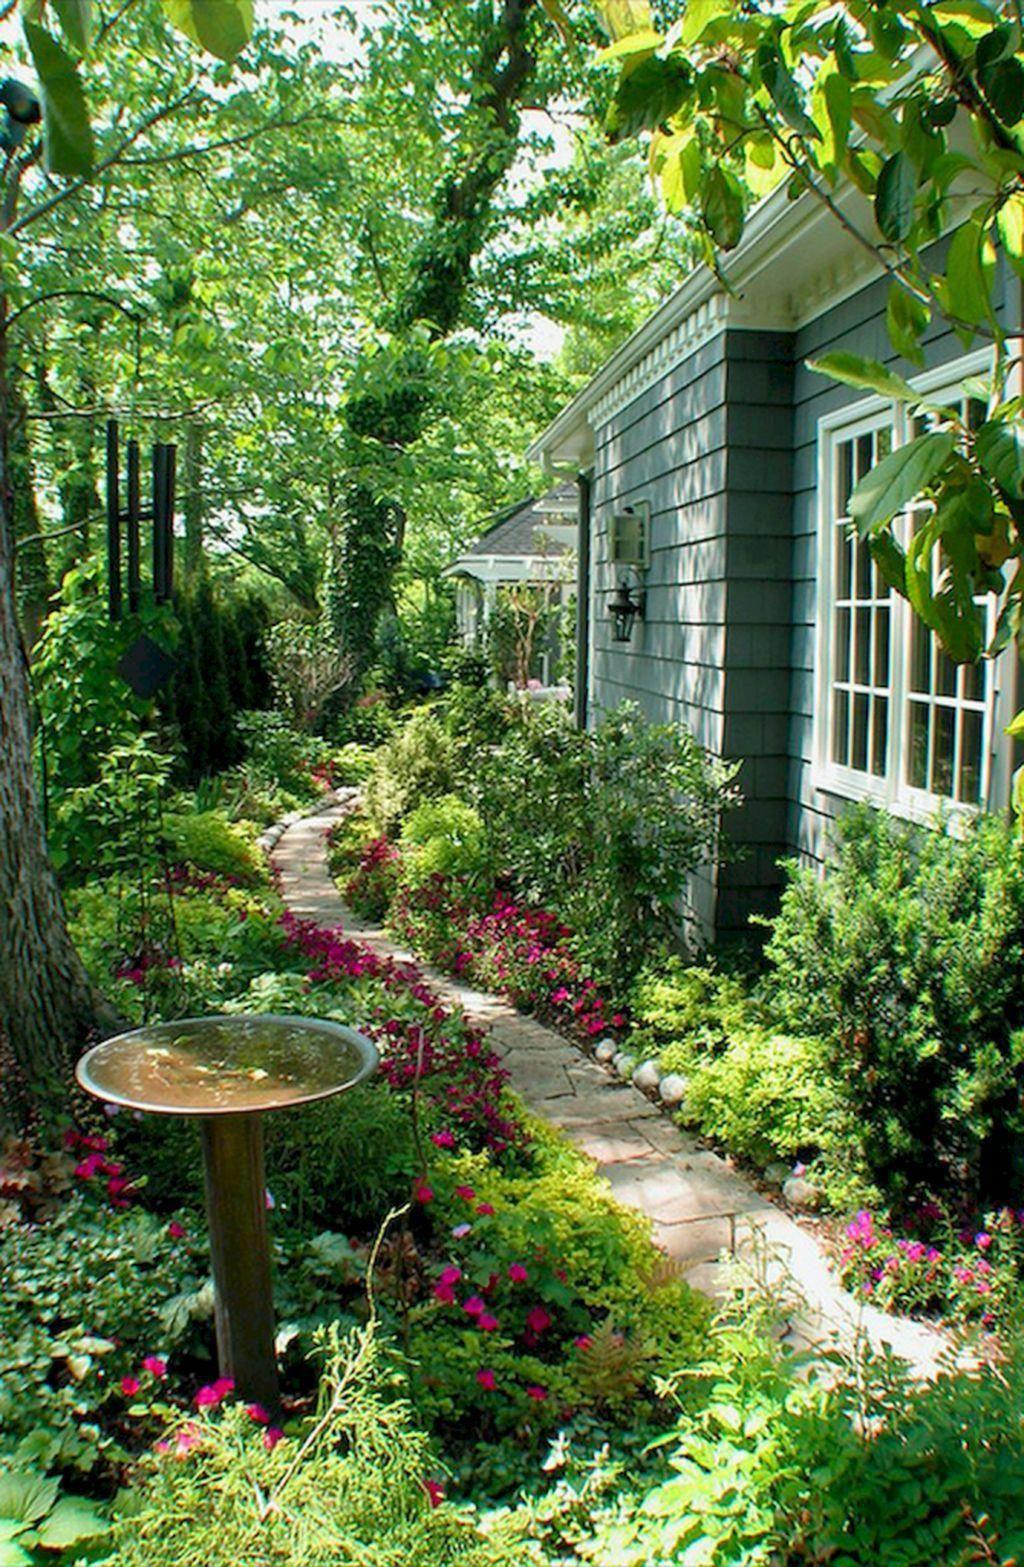 Gardenpath In 2020 Cottage Garden Design Cottage Garden Small Backyard Landscaping